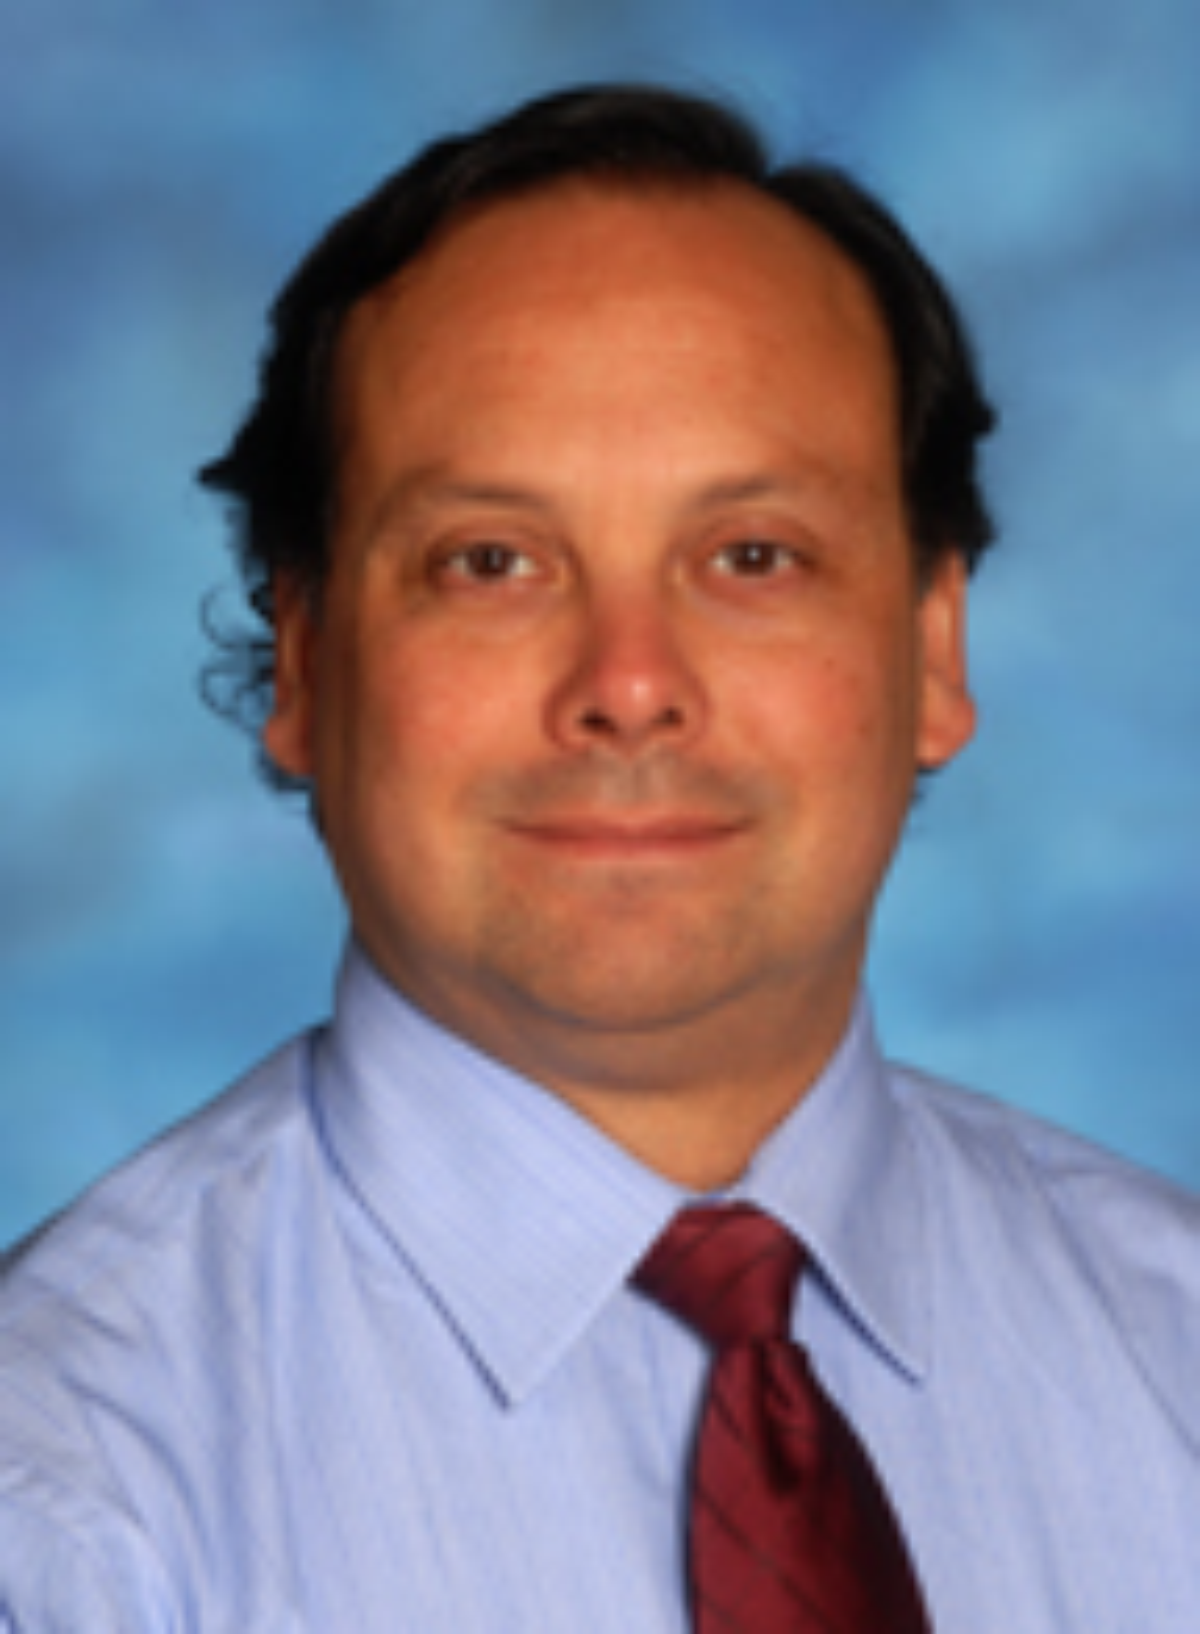 Marco Castro, MD